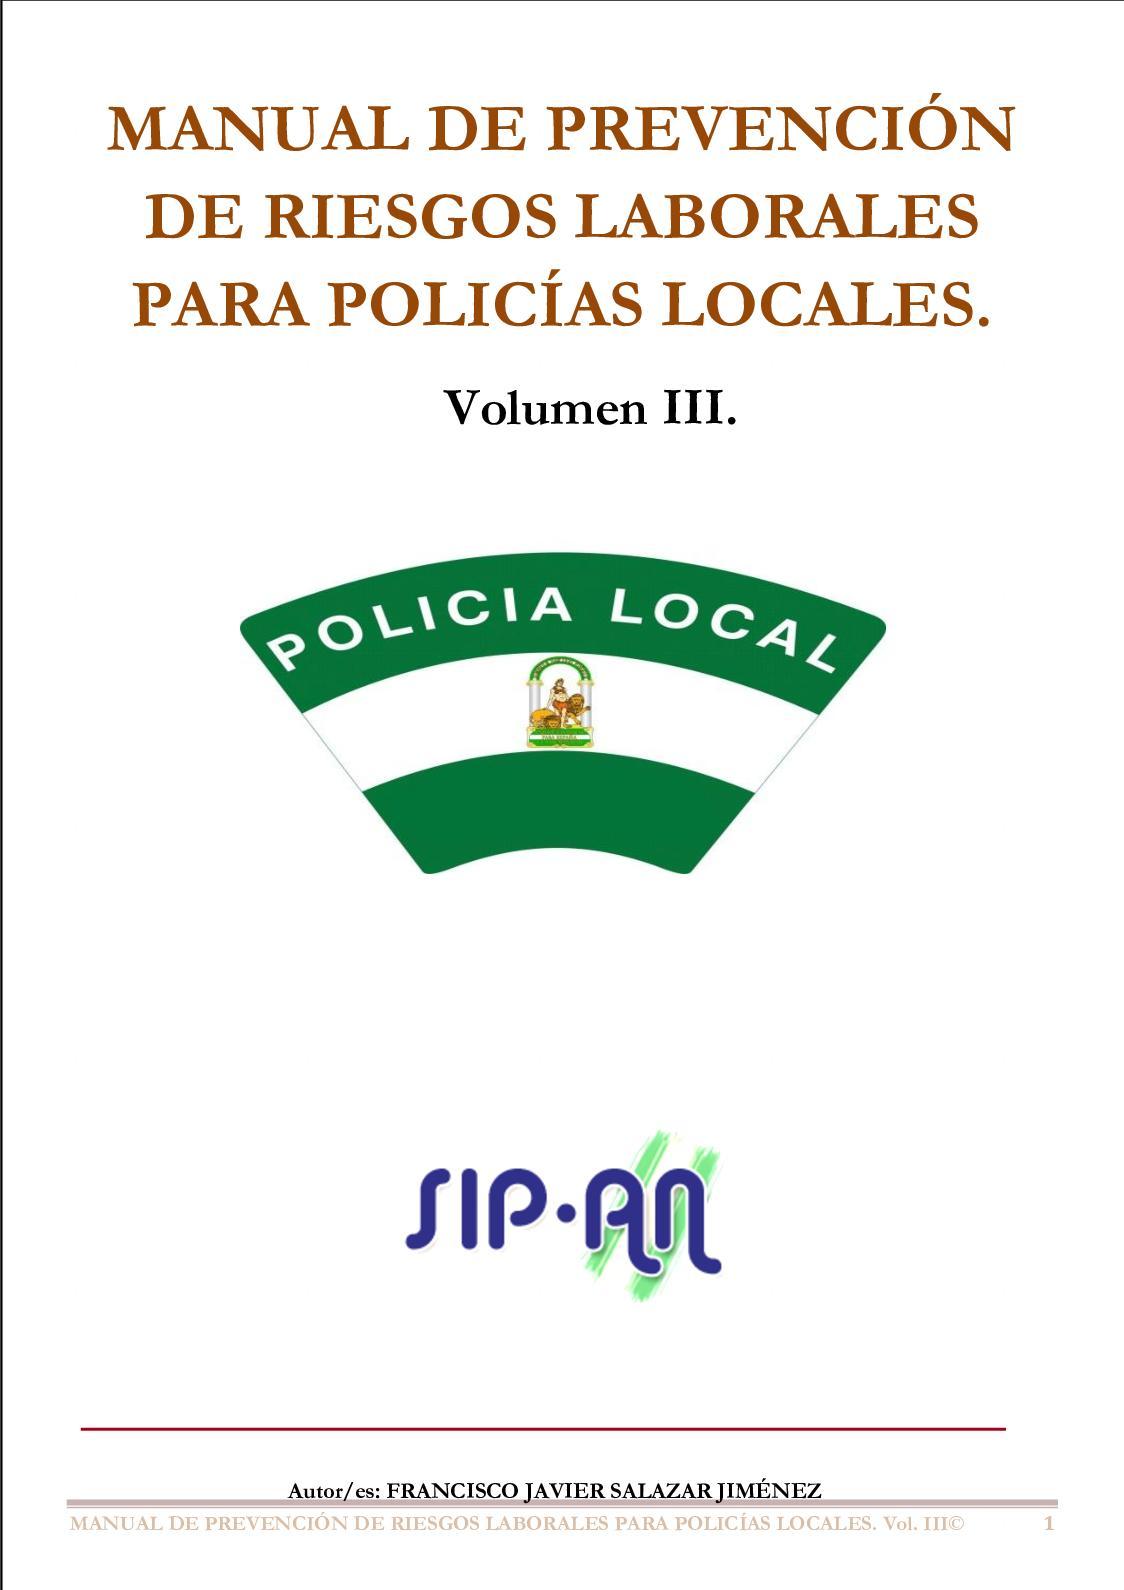 392 Manual De Prevención De Riesgos Laborales Para Policías Locales Vol Iii